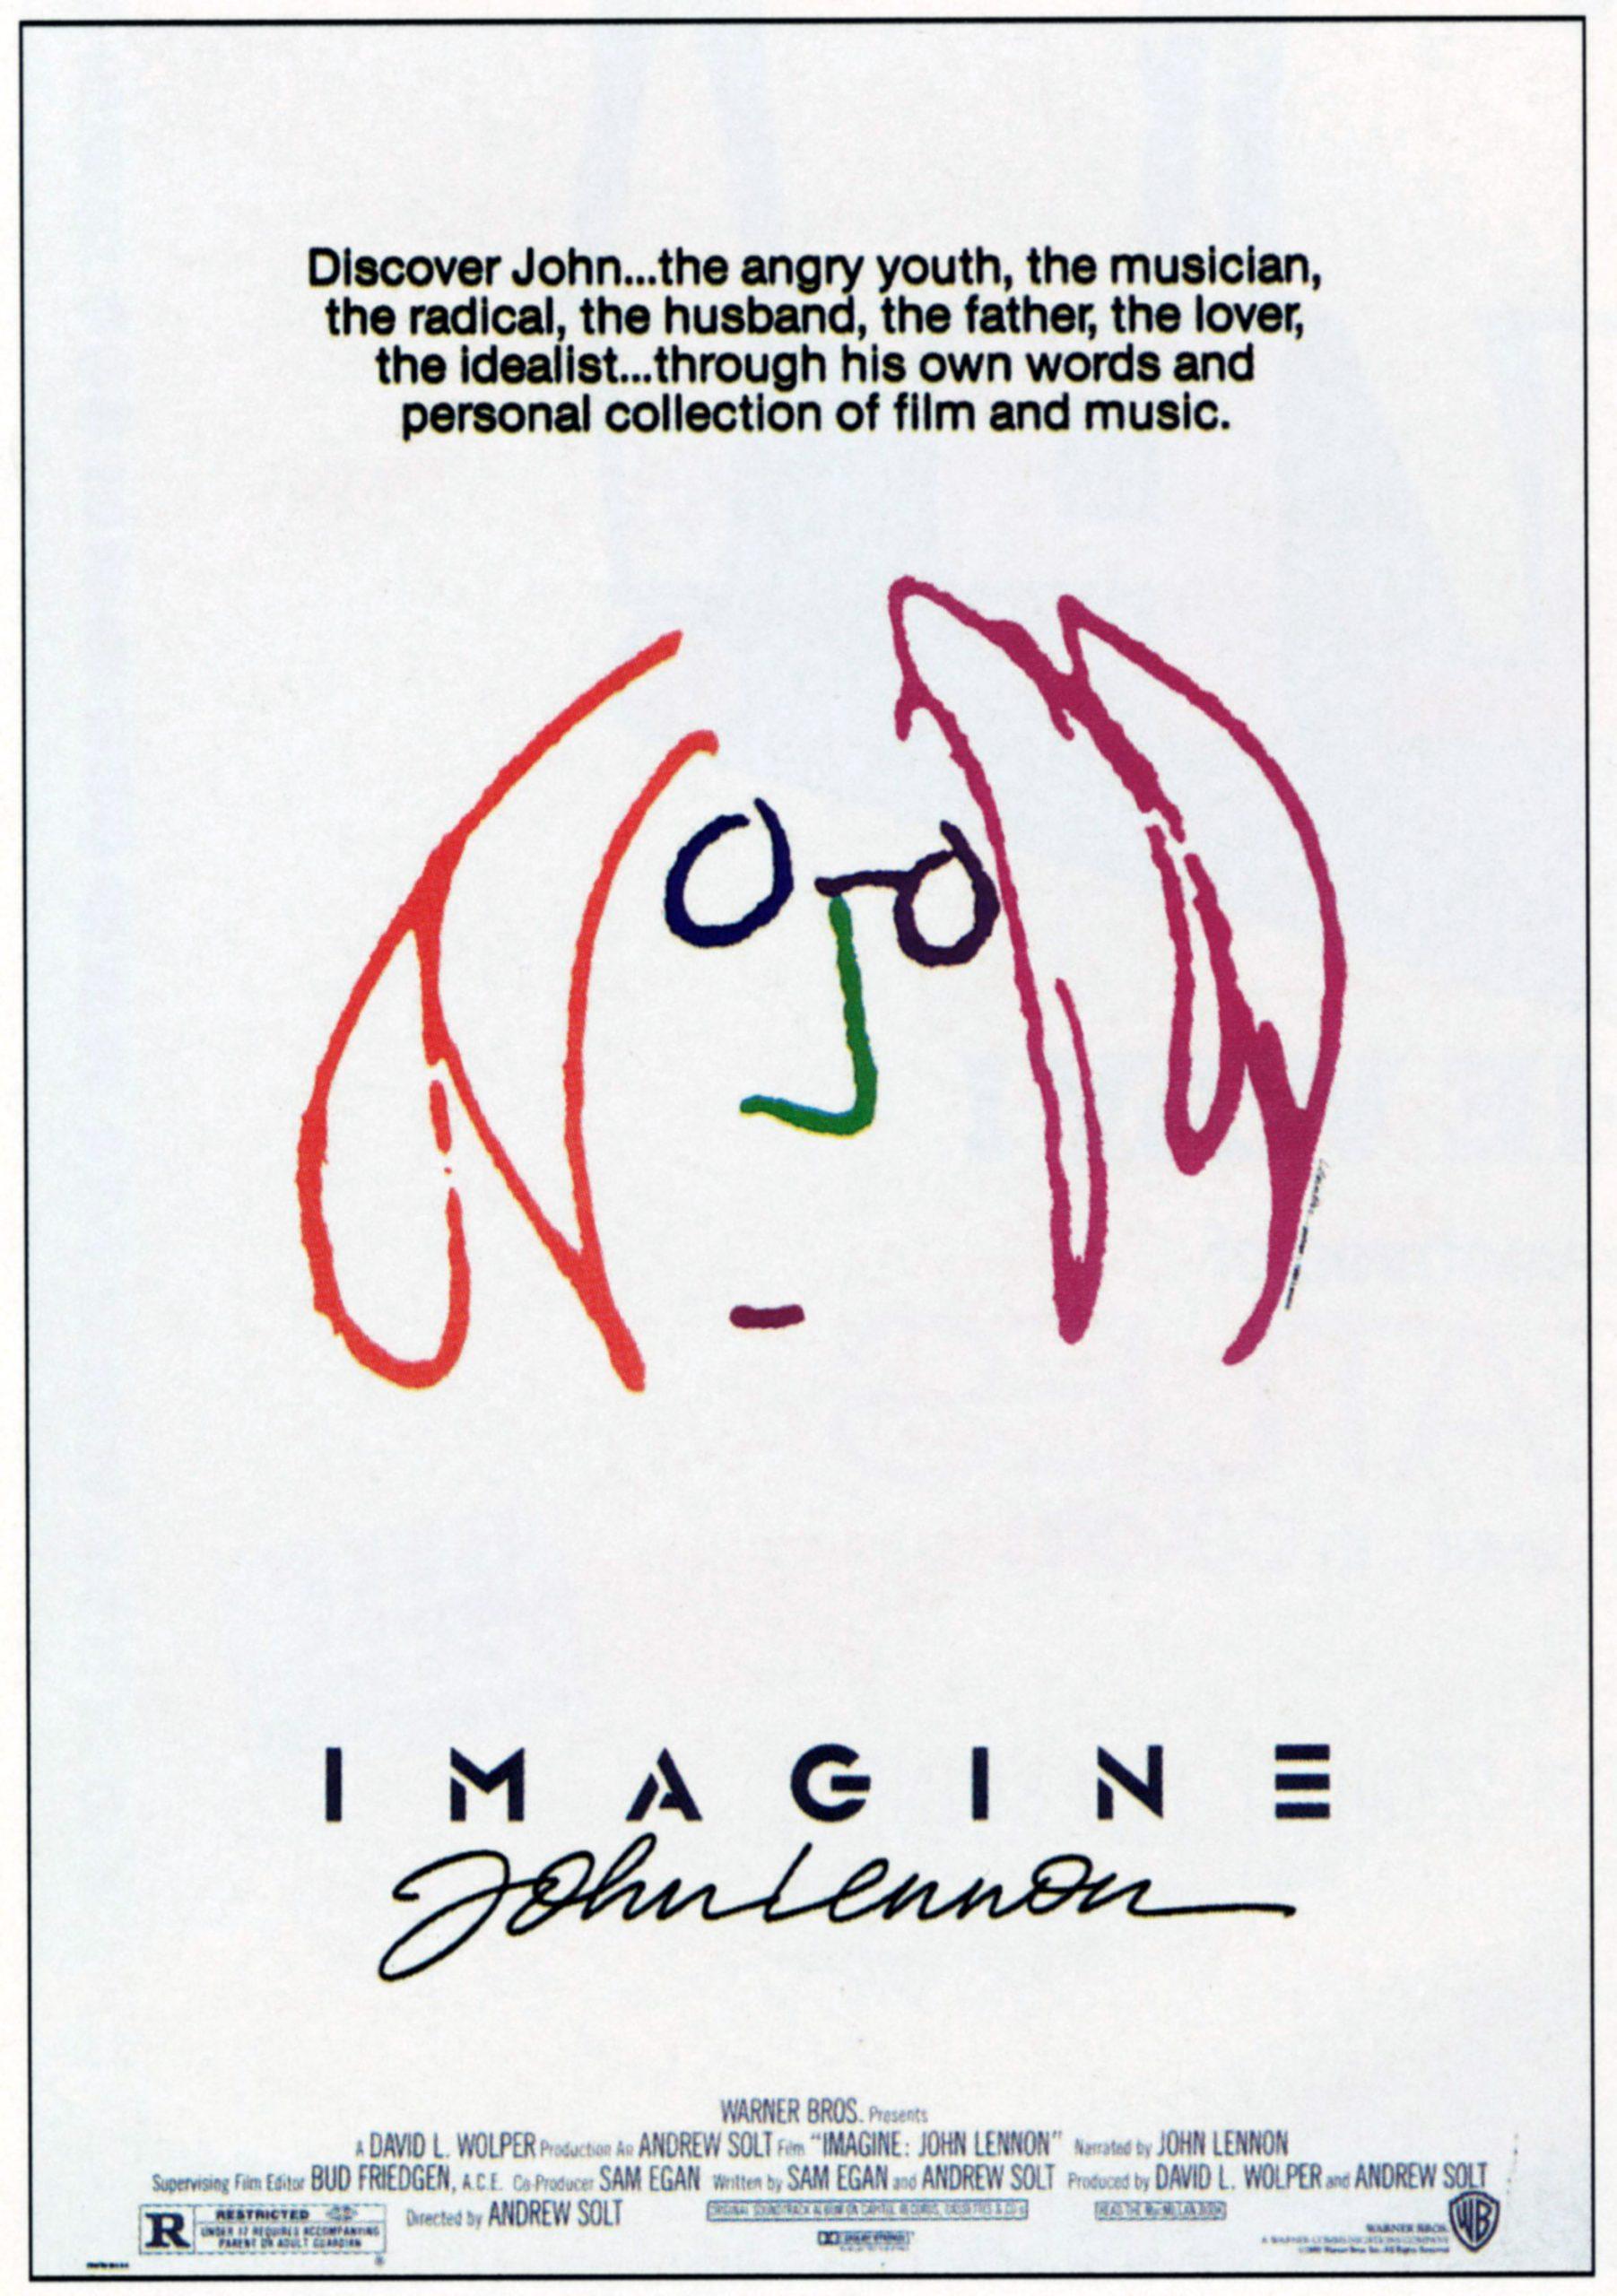 imagine-john-lennon-movie-poster